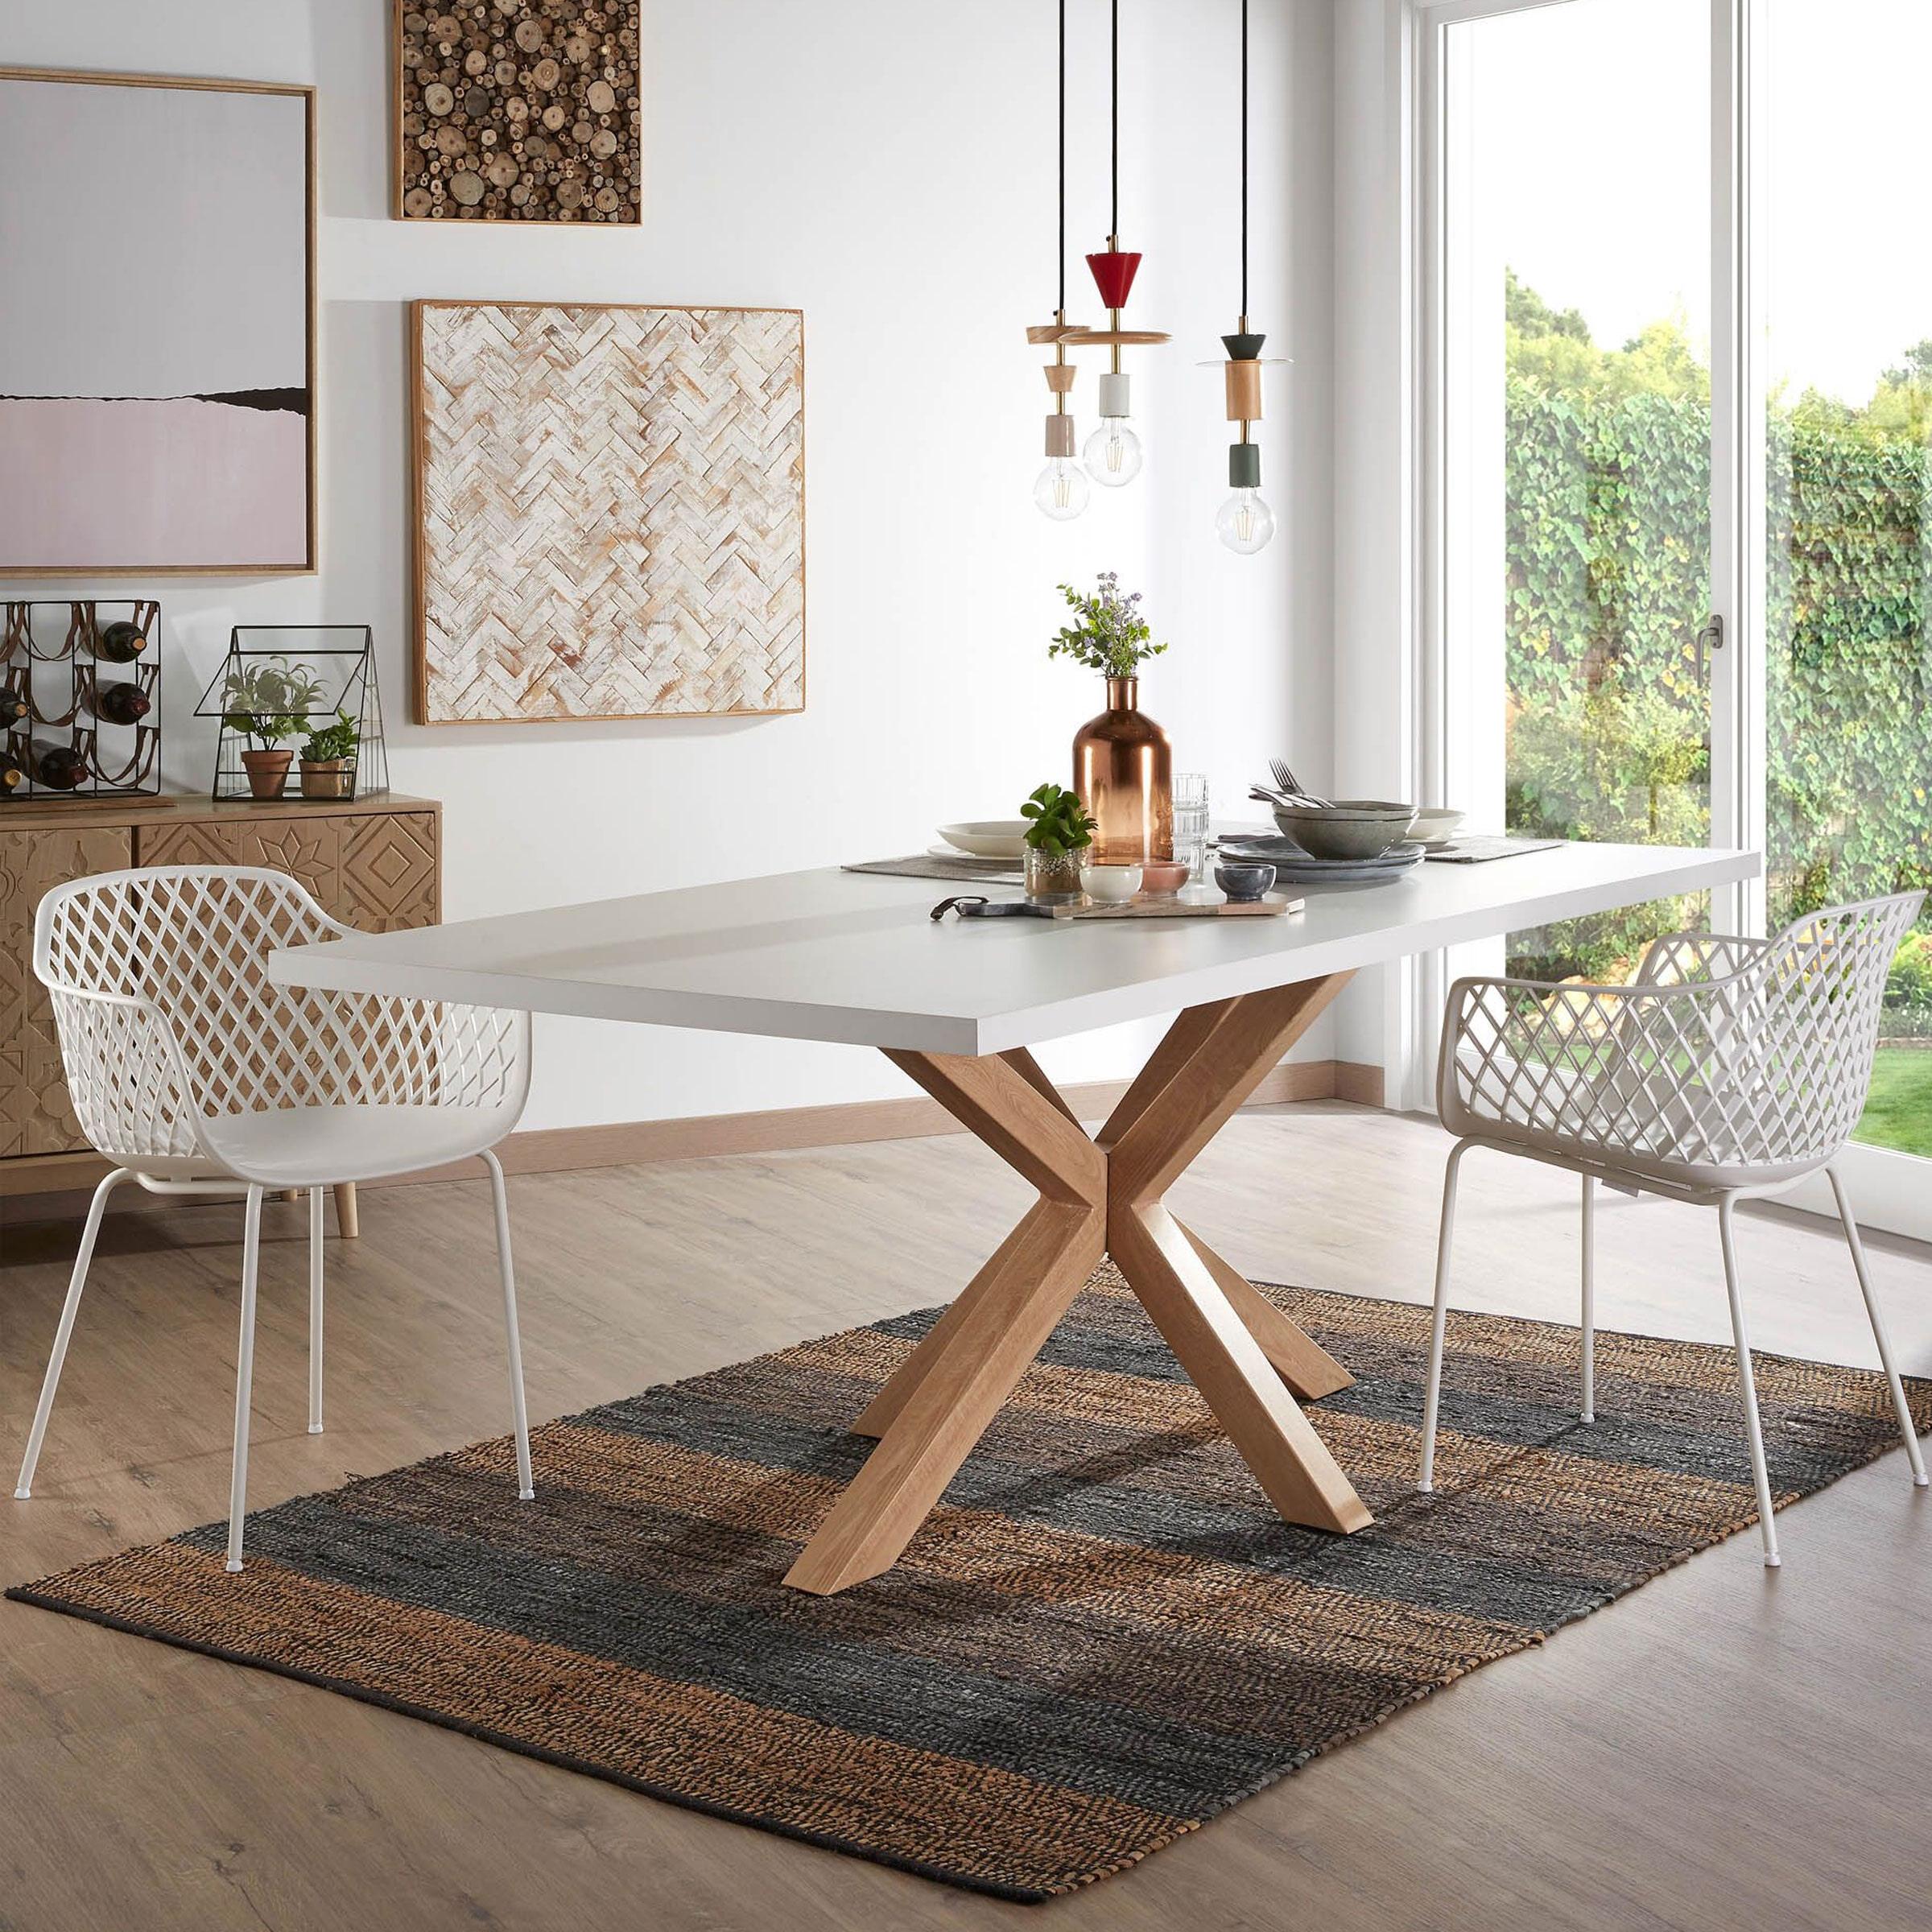 Kave Home Eettafel 'Argo' hout / wit, 180 x 100cm